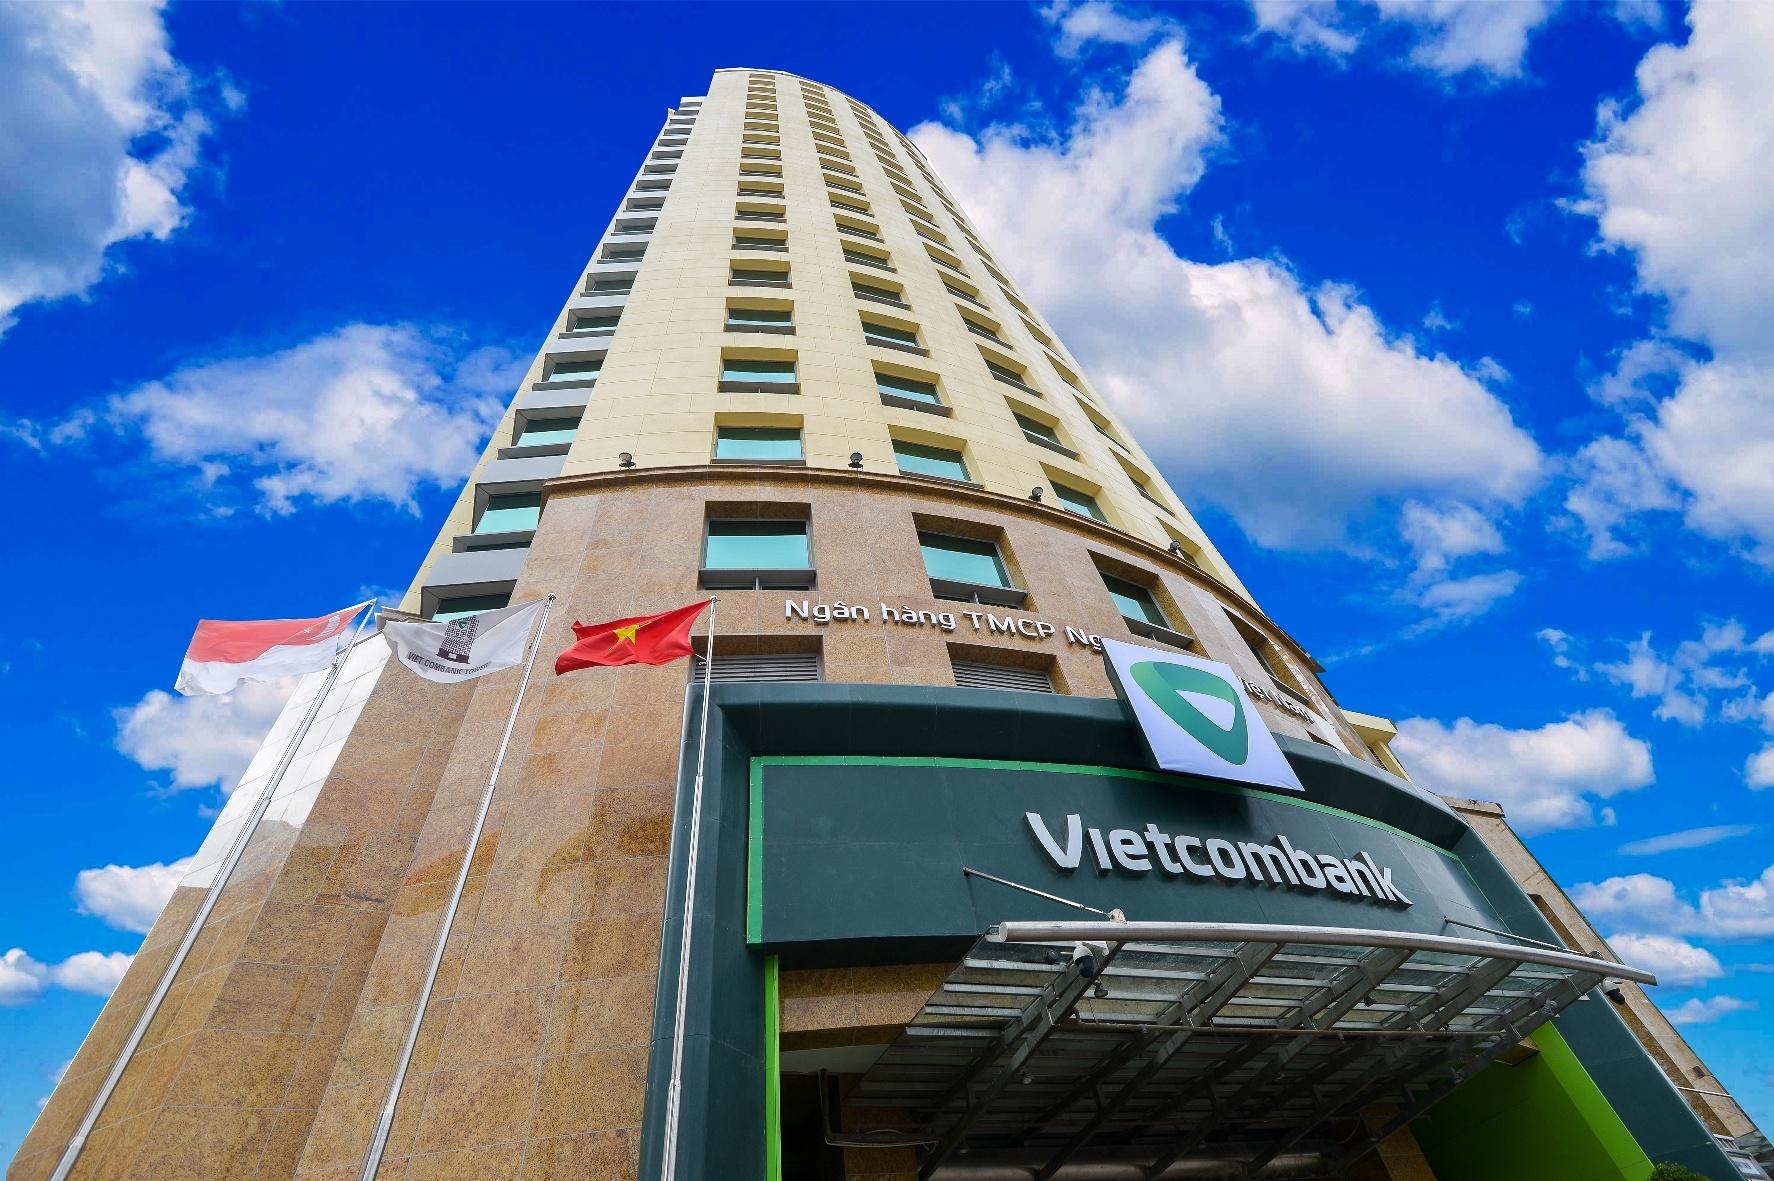 vietcombank duoc sp xep hang tin nhiem cao nhat trong cac ngan hang viet nam